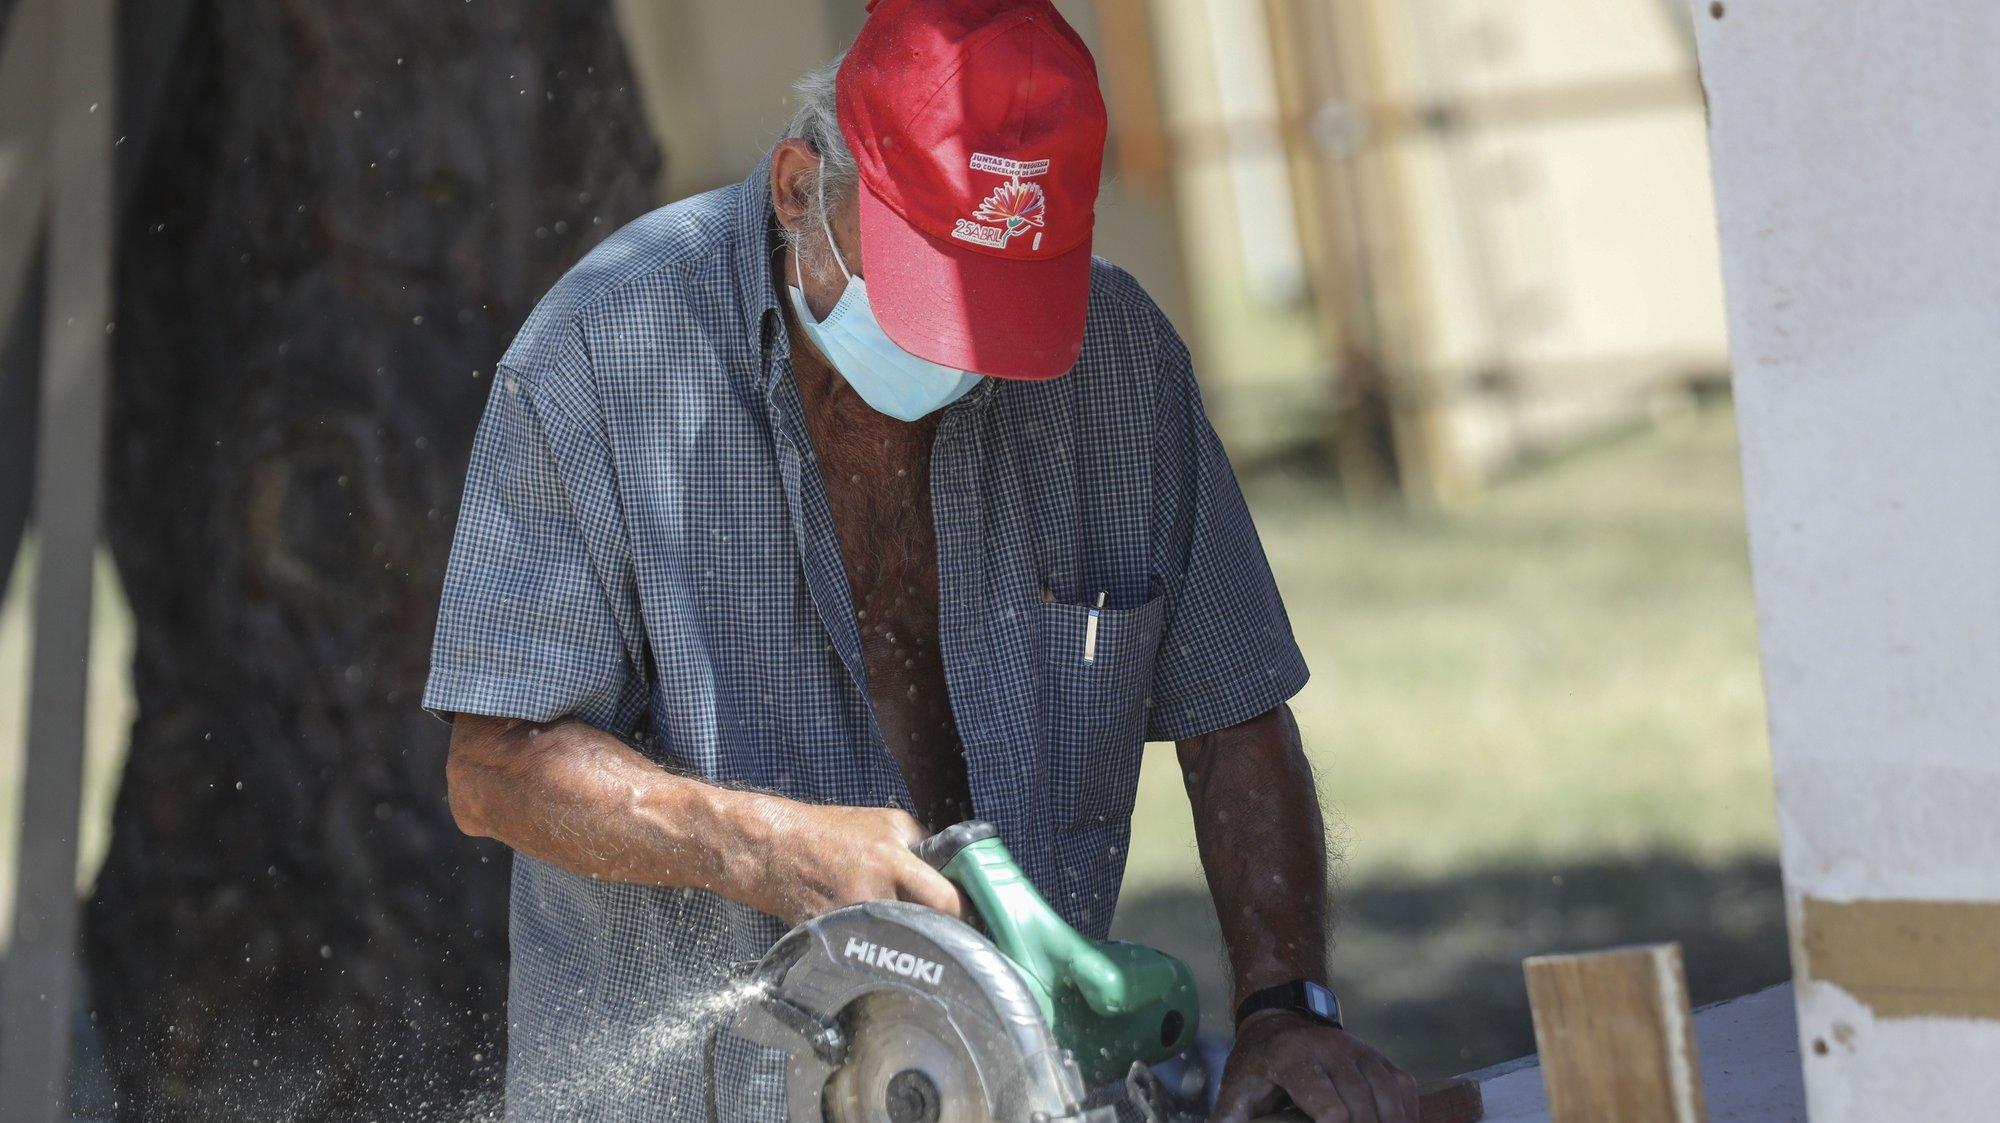 Trabalhadores durante a construção do espaço da Festa do Avante! que decorre de 04 a 06 de setembro, na Quinta da Atalaia, no Seixal, 04 de agosto de 2020. MIGUEL A. LOPES/LUSA